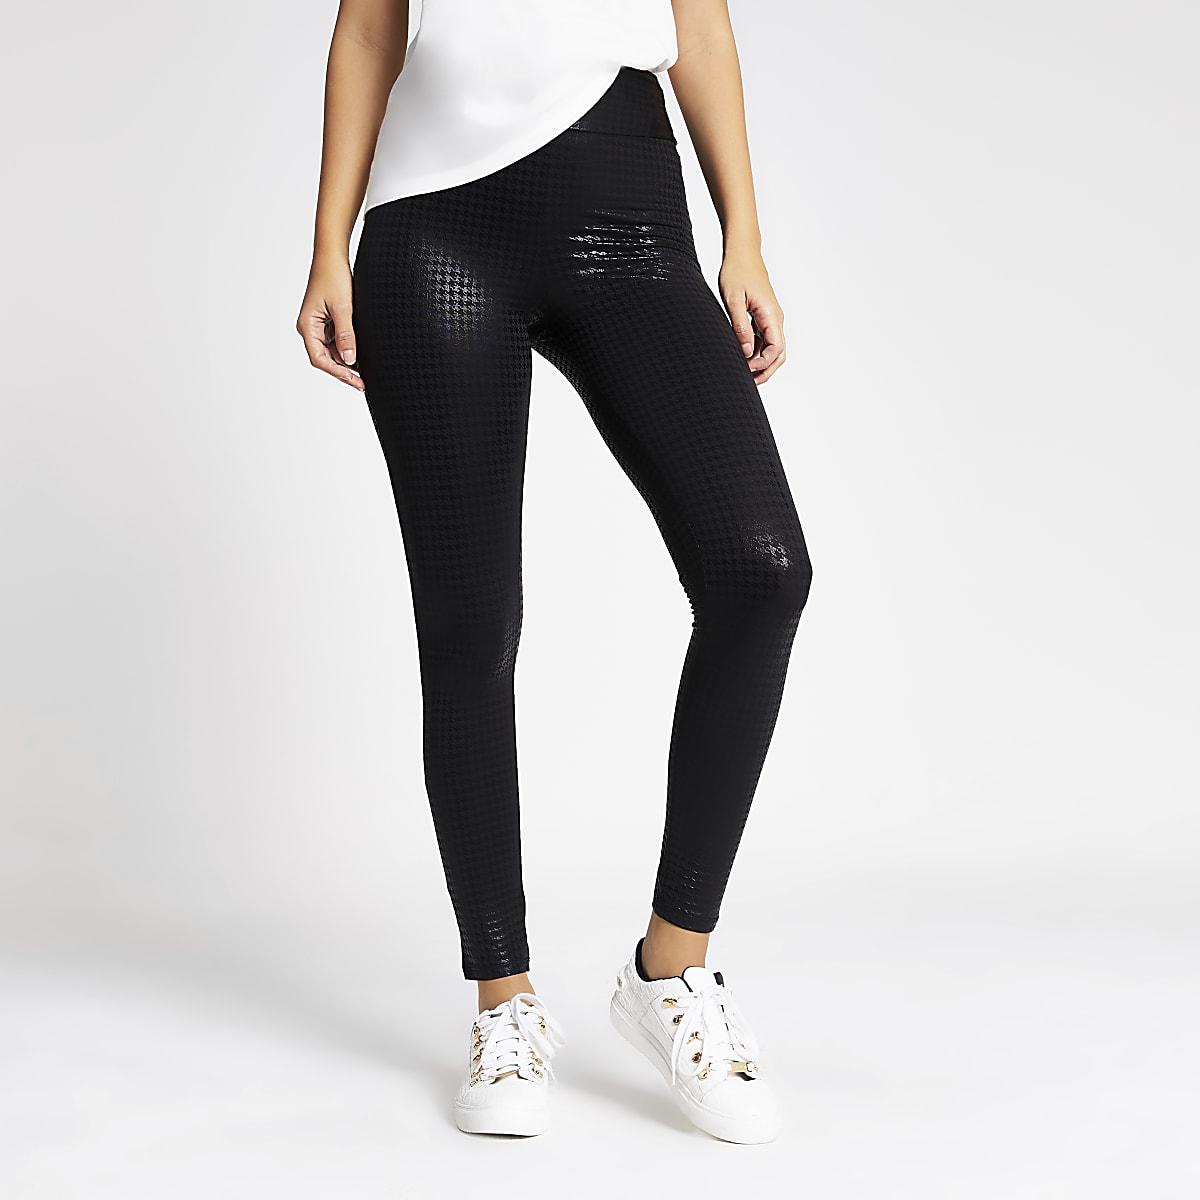 Zwarte legging met hanevoetruit en coating